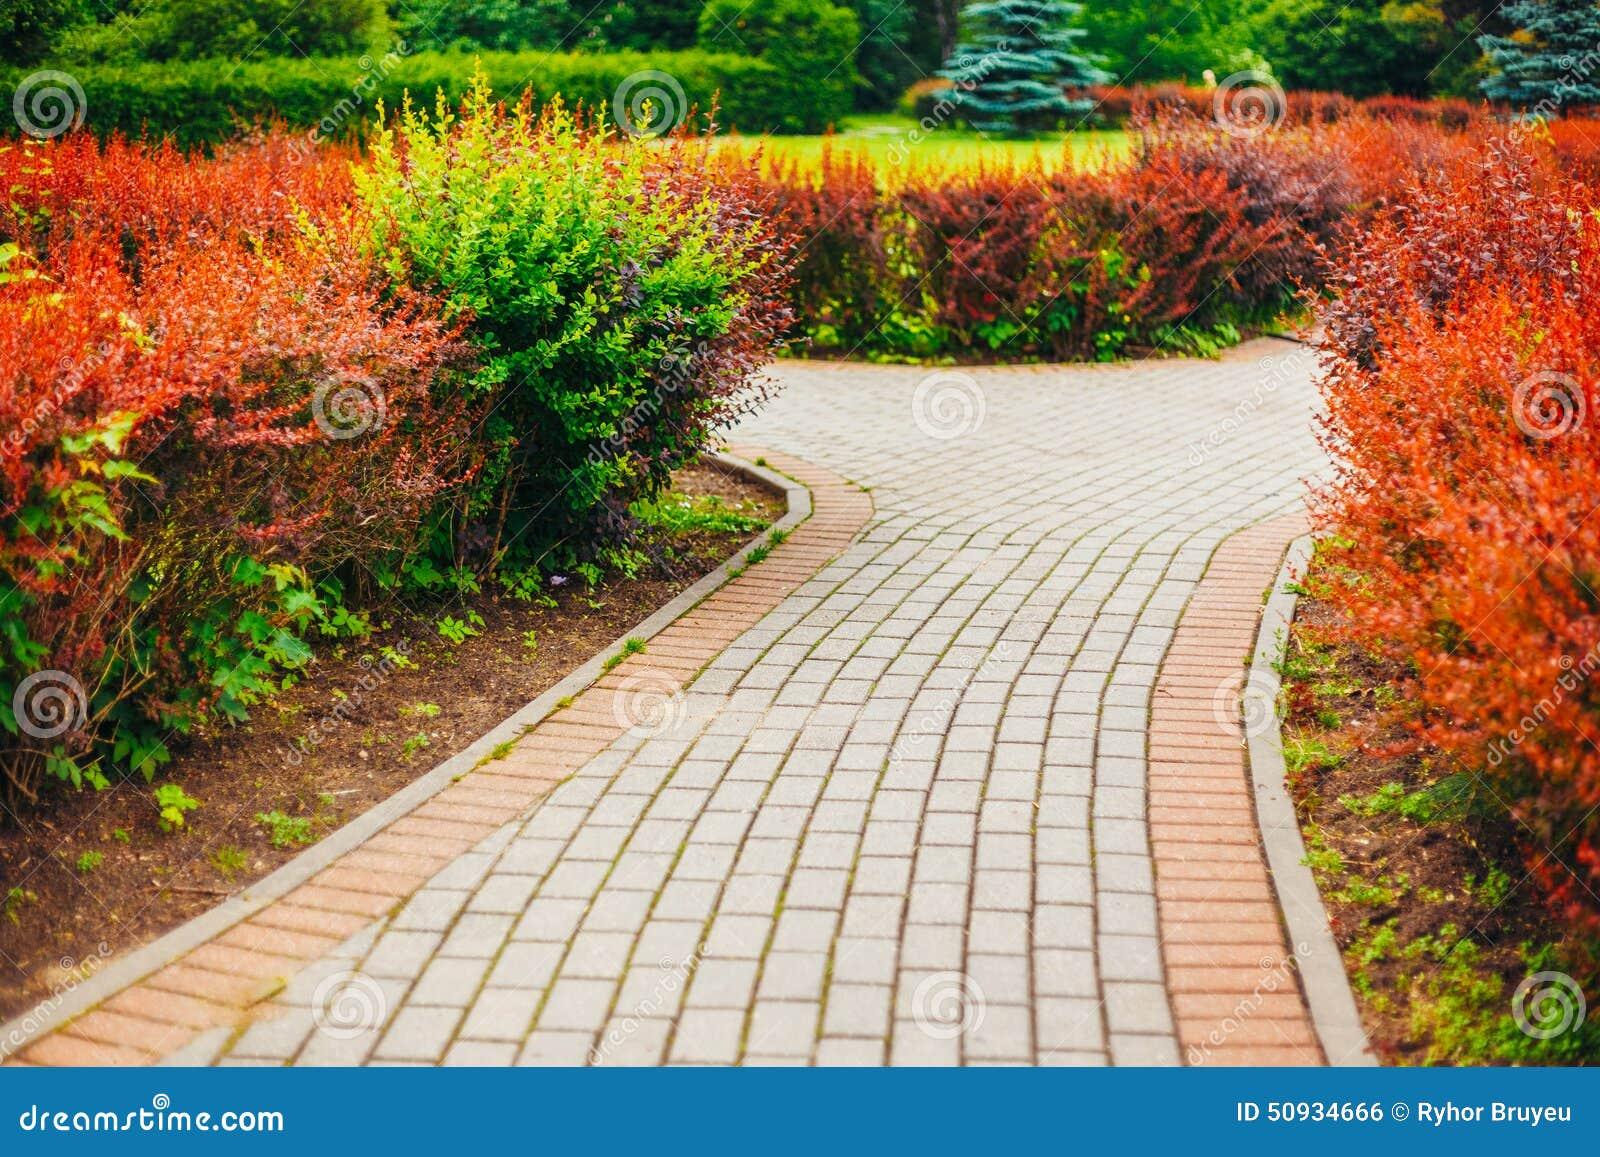 Den härliga gränden parkerar in Trädgårds- landskap design